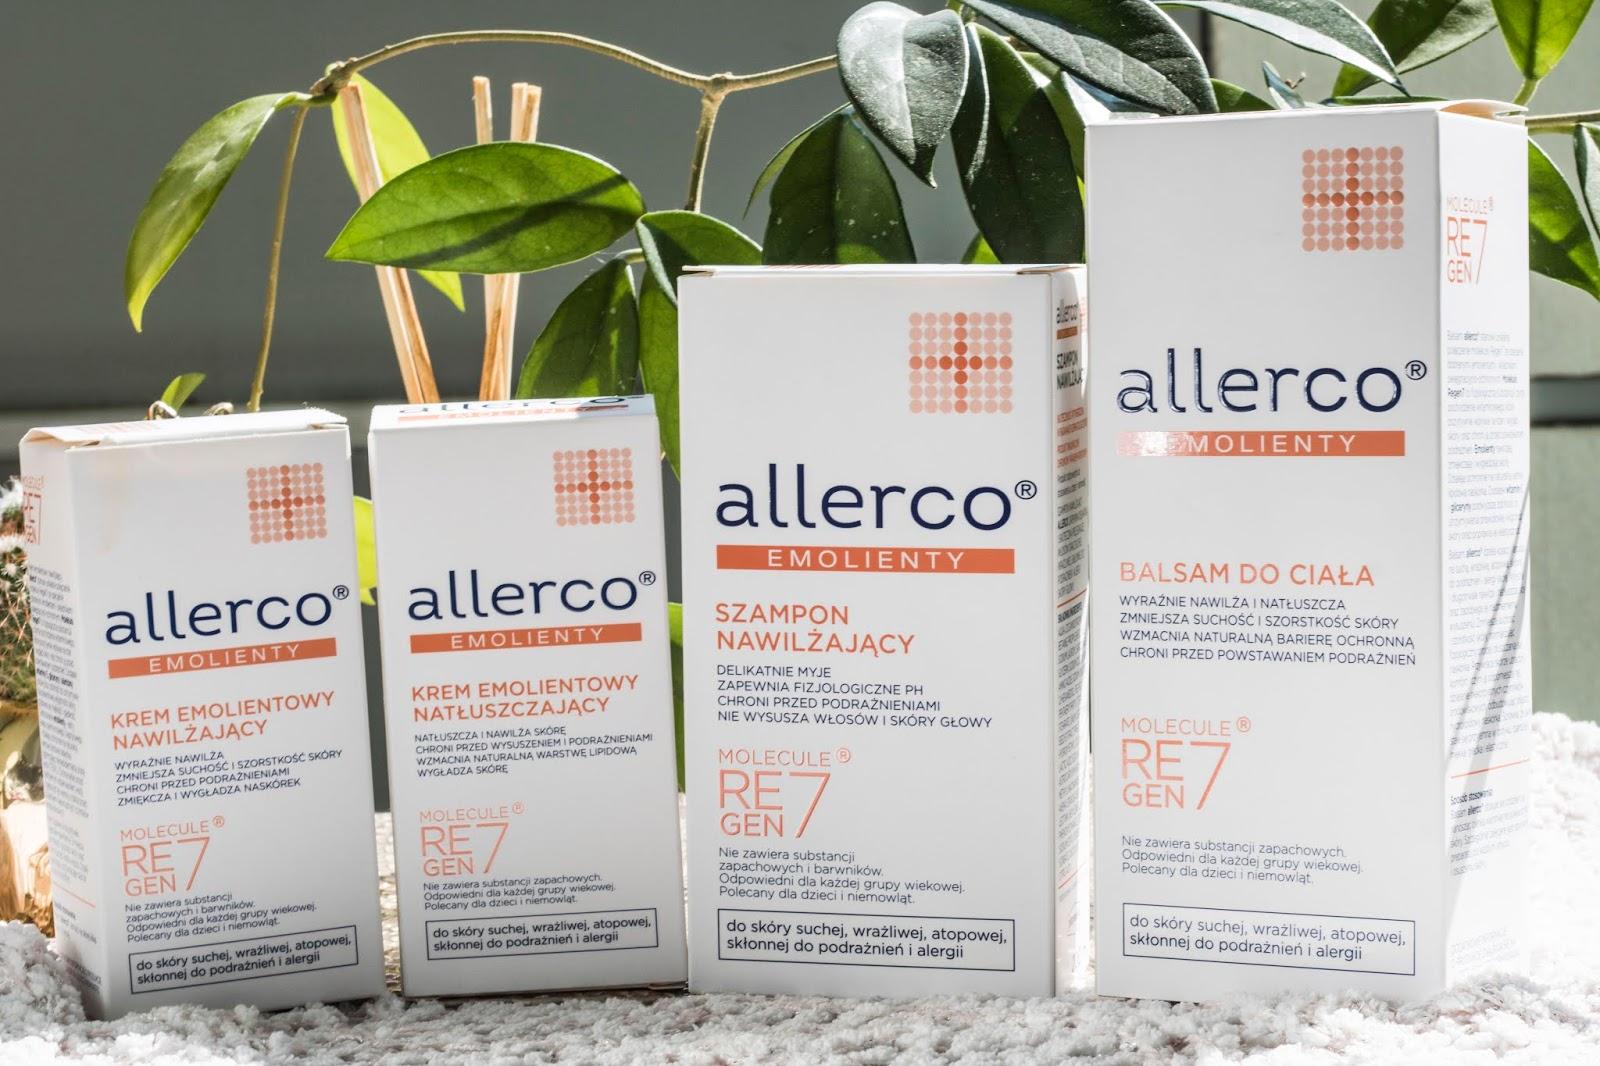 Twoje ciało pokocha Allerco!